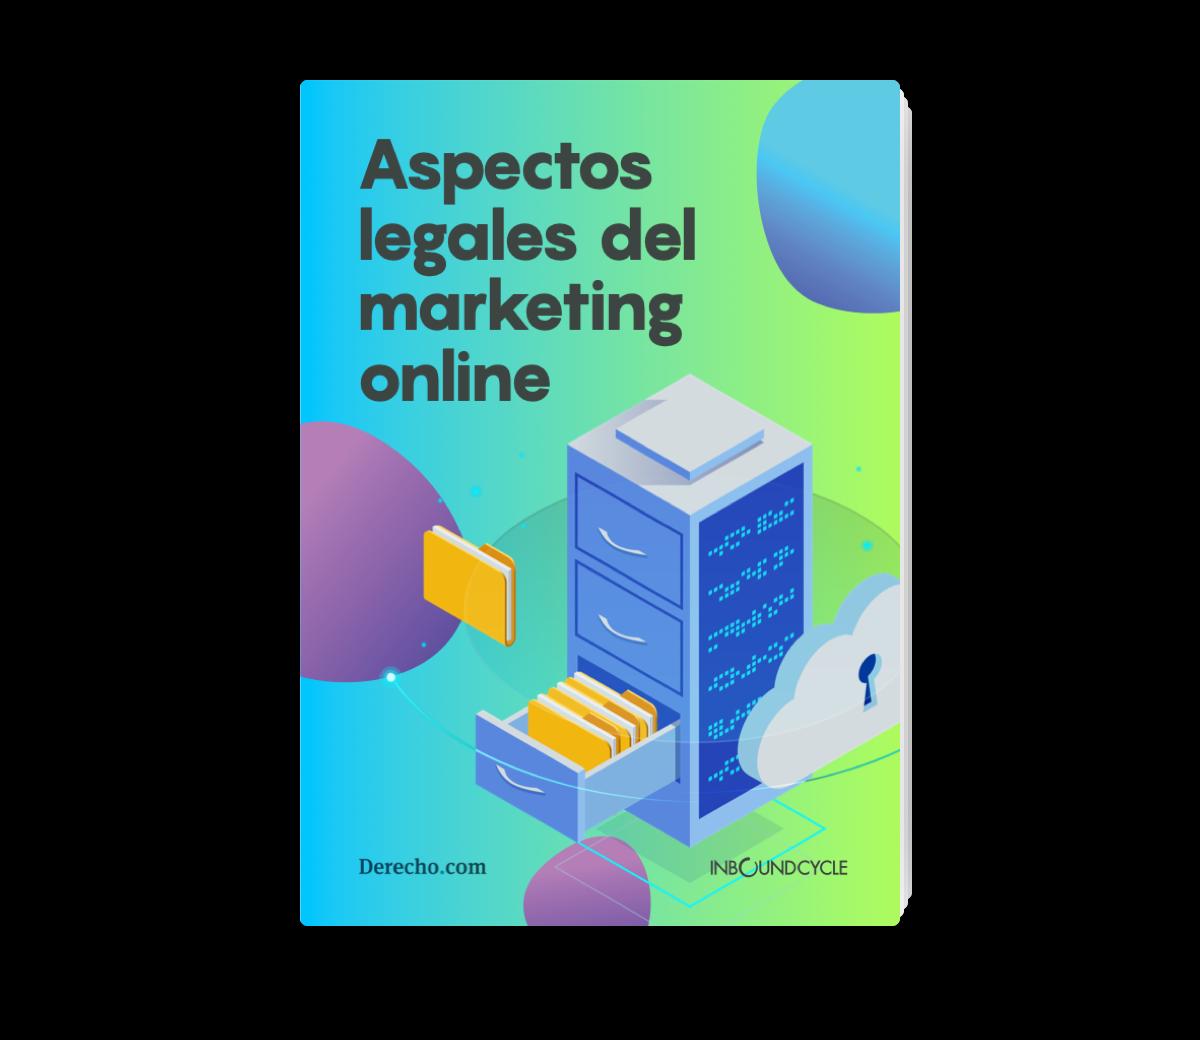 Portada - Email - Aspectos legales del marketing online-1